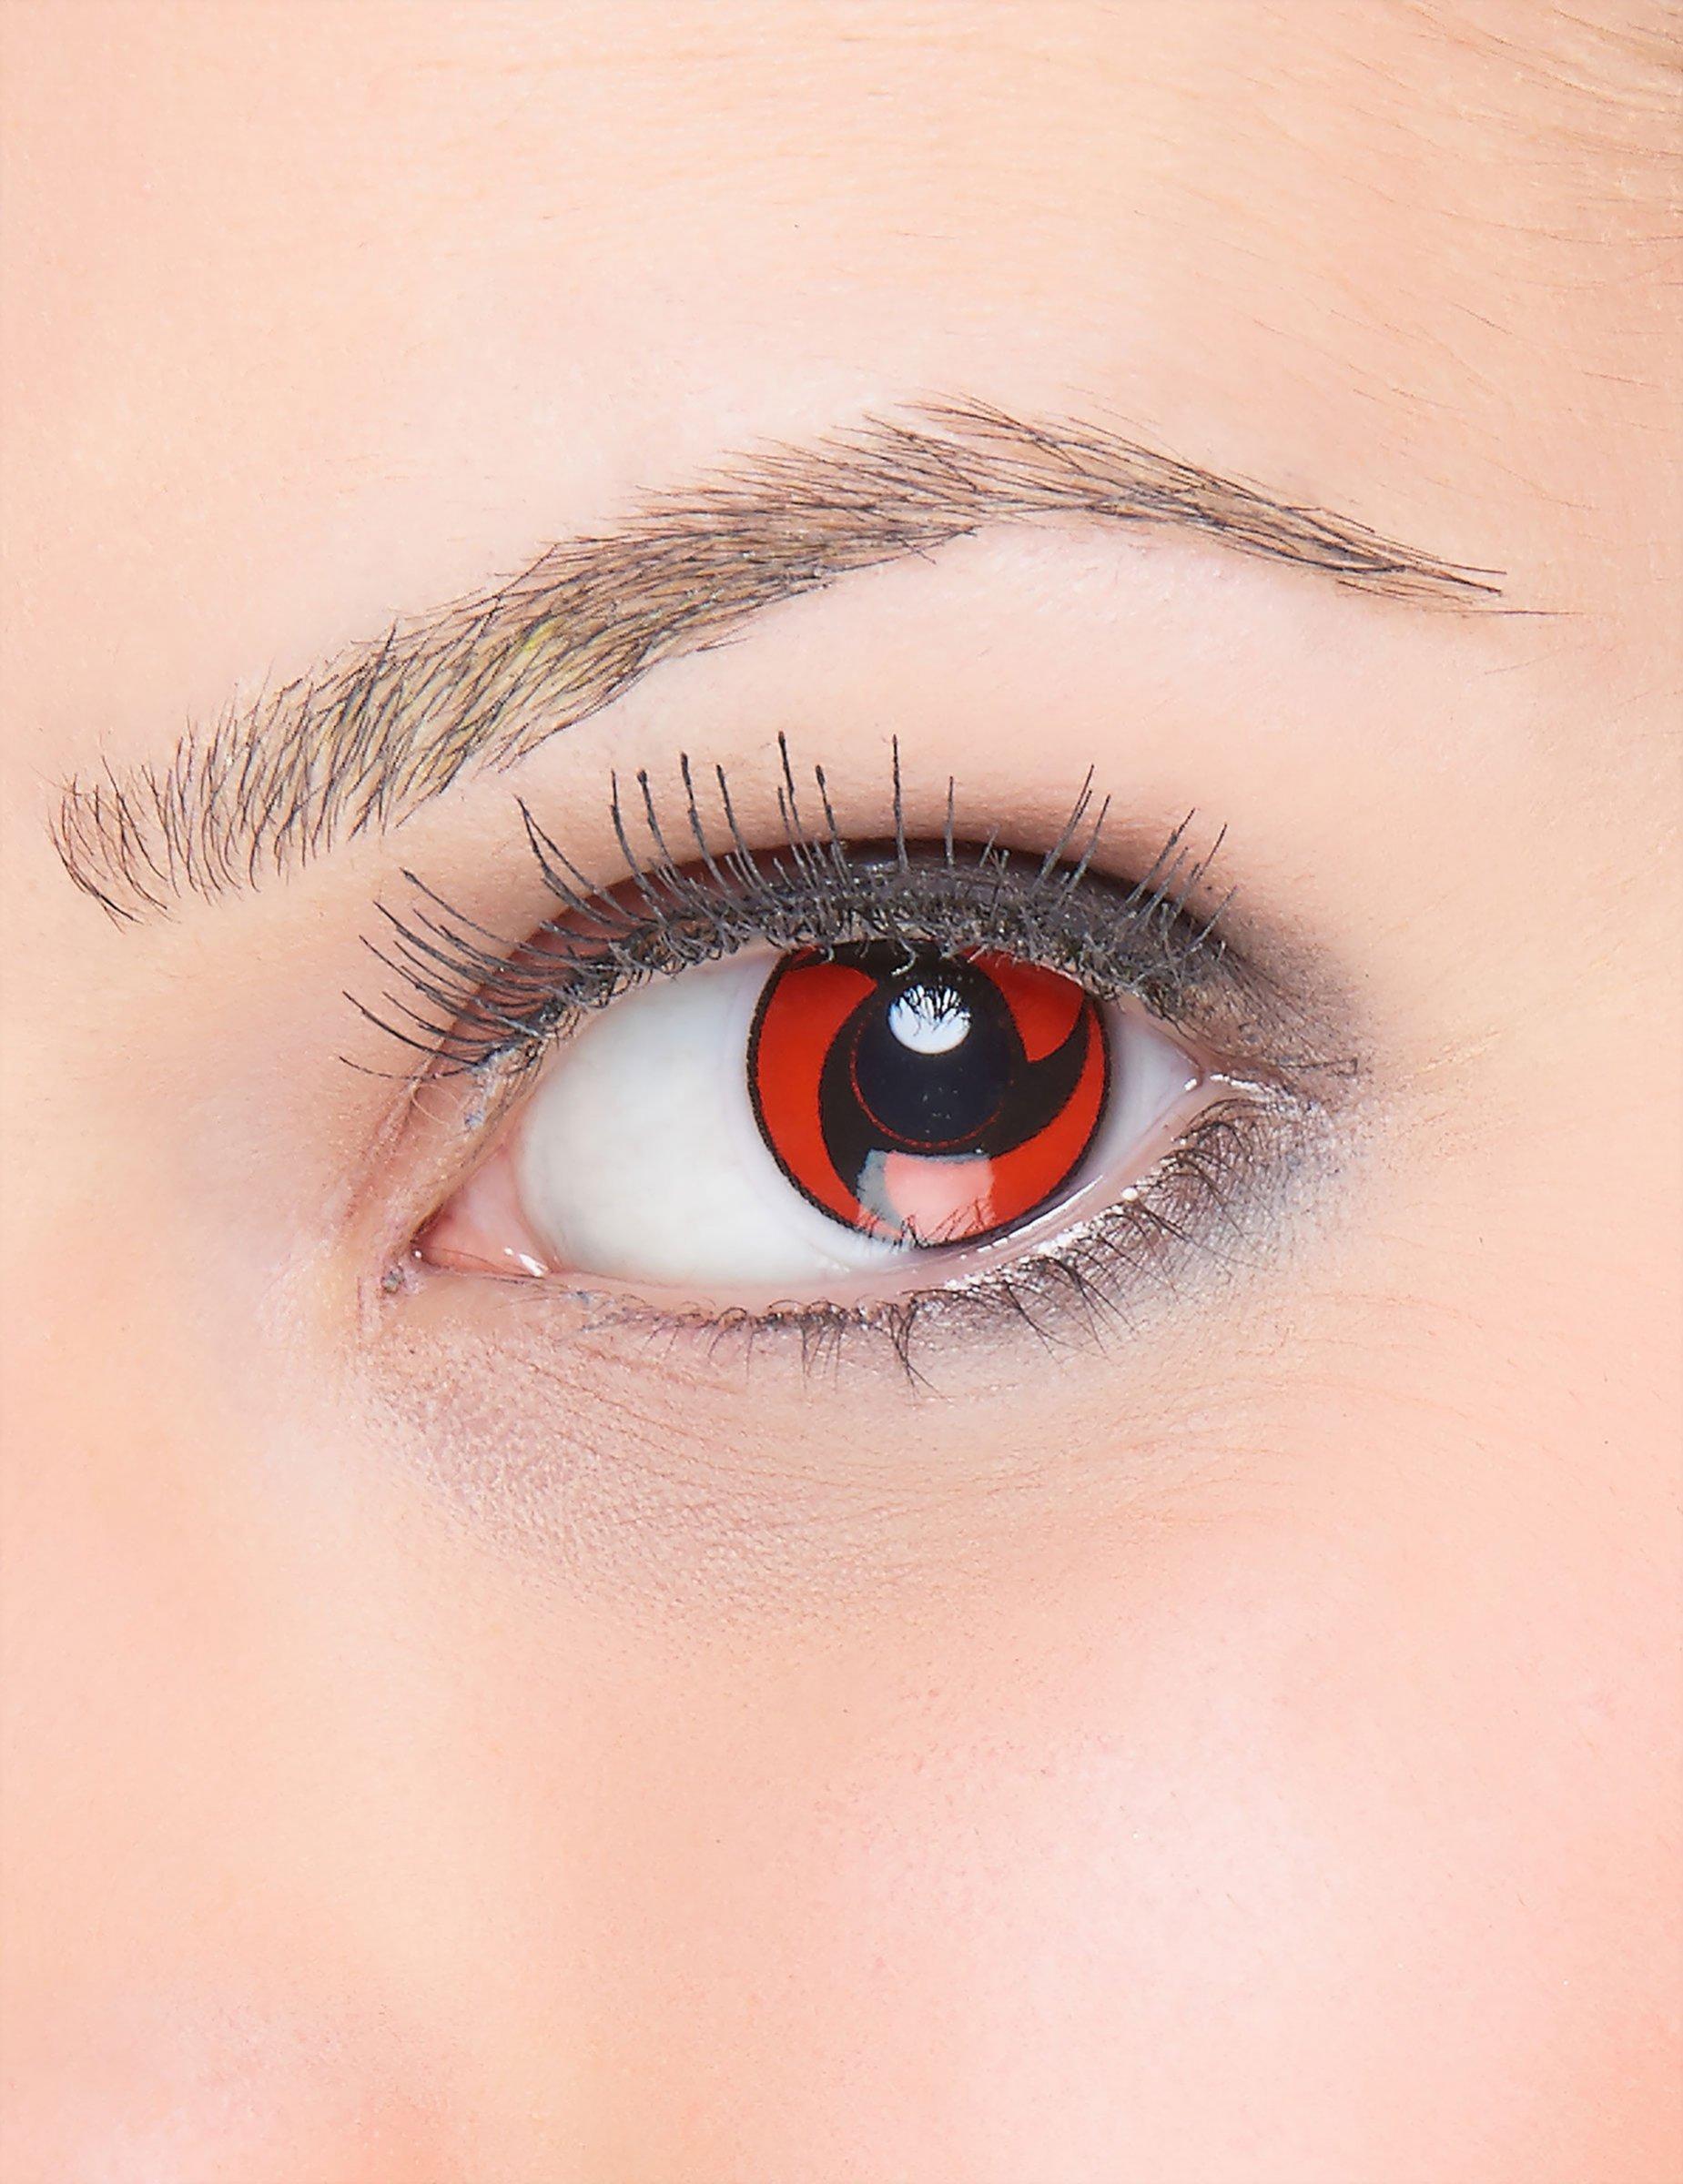 Lentes de contacto fantasa hlice negro sobre fondo rojo